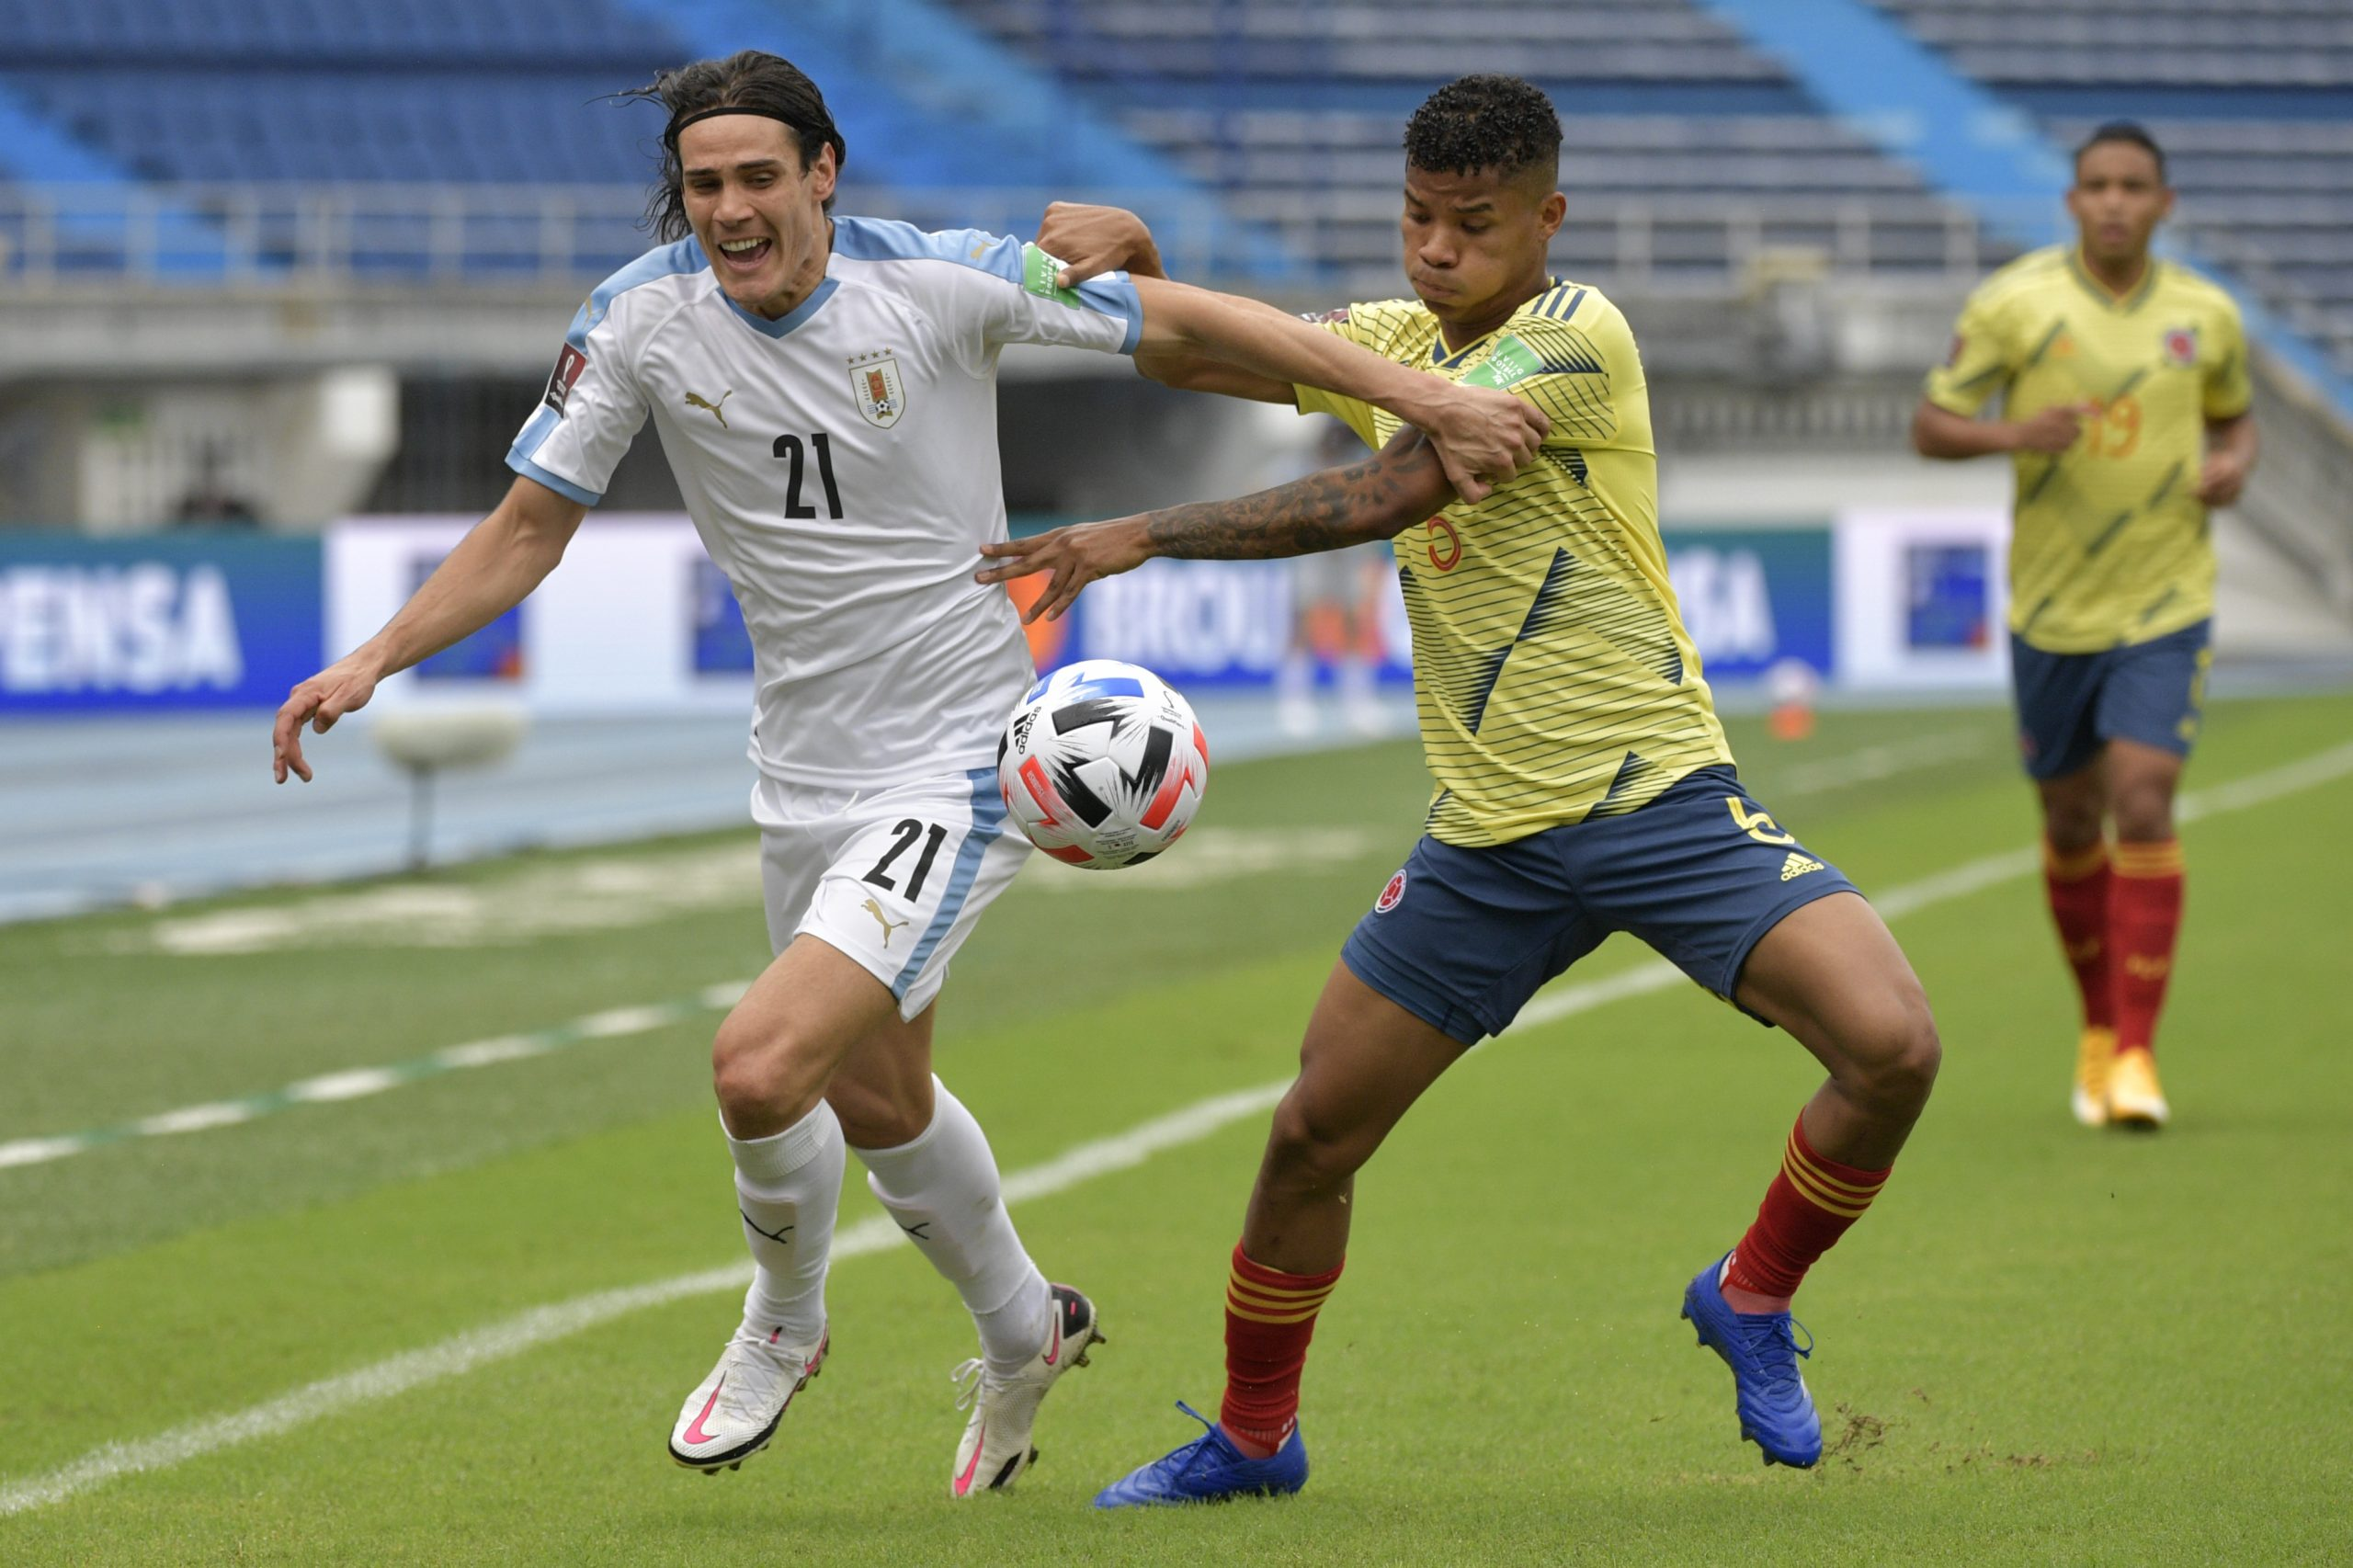 Uruguai vs Colômbia